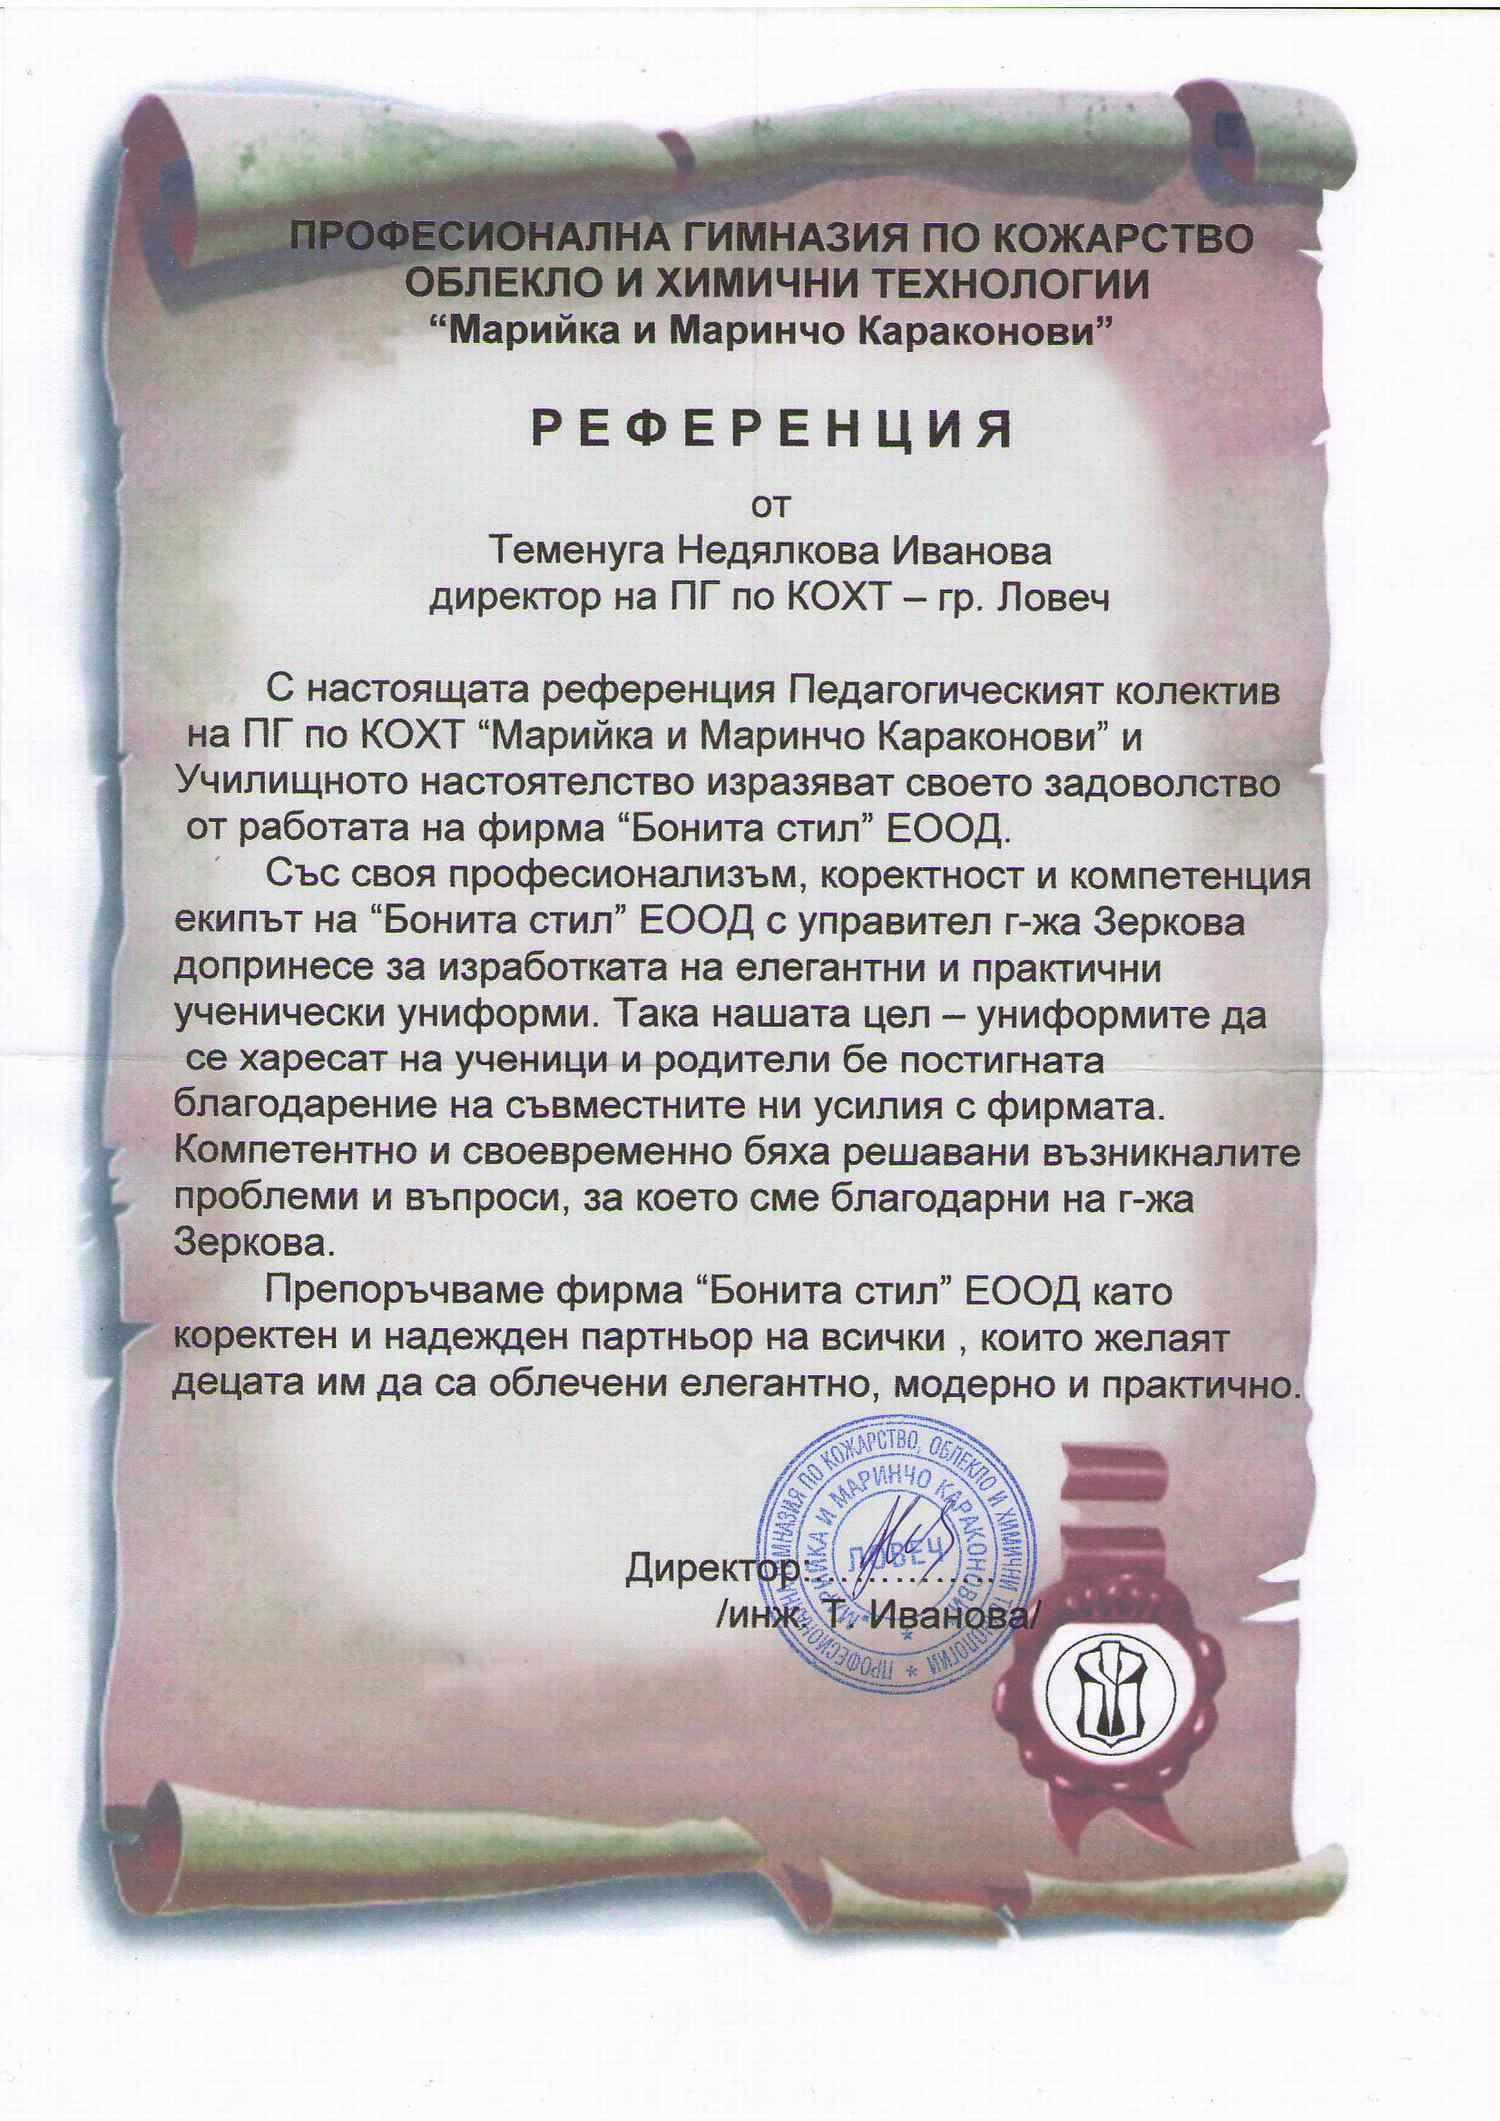 РЕФЕРЕНЦИИ - ПГ по КОХТ  - ЛОВЕЧ